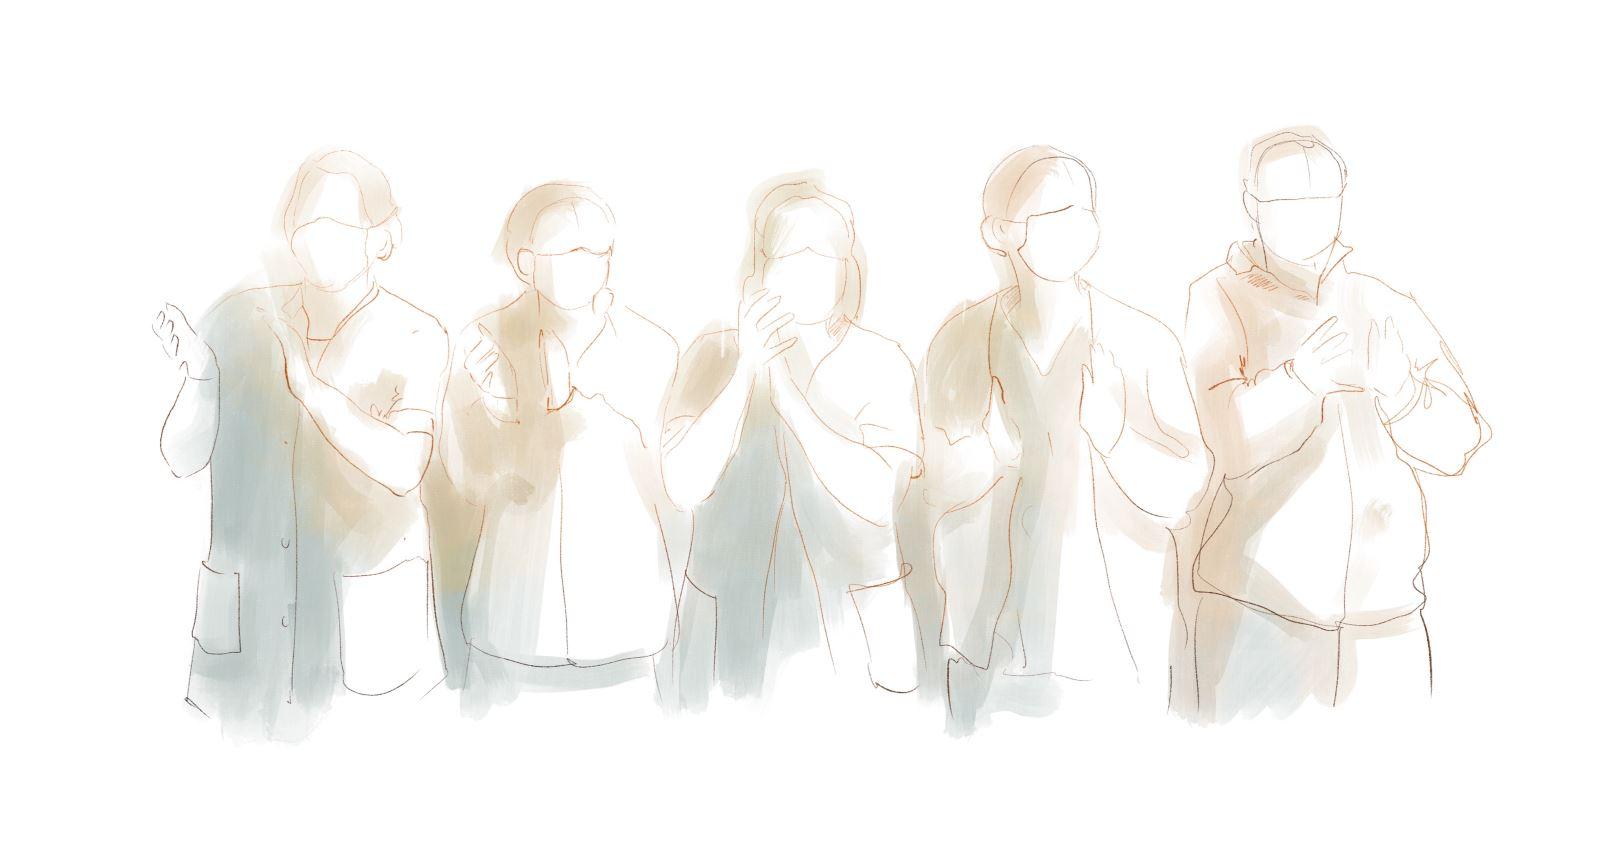 Testemunhos | Histórias de superação individual e coletiva nas Misericórdias